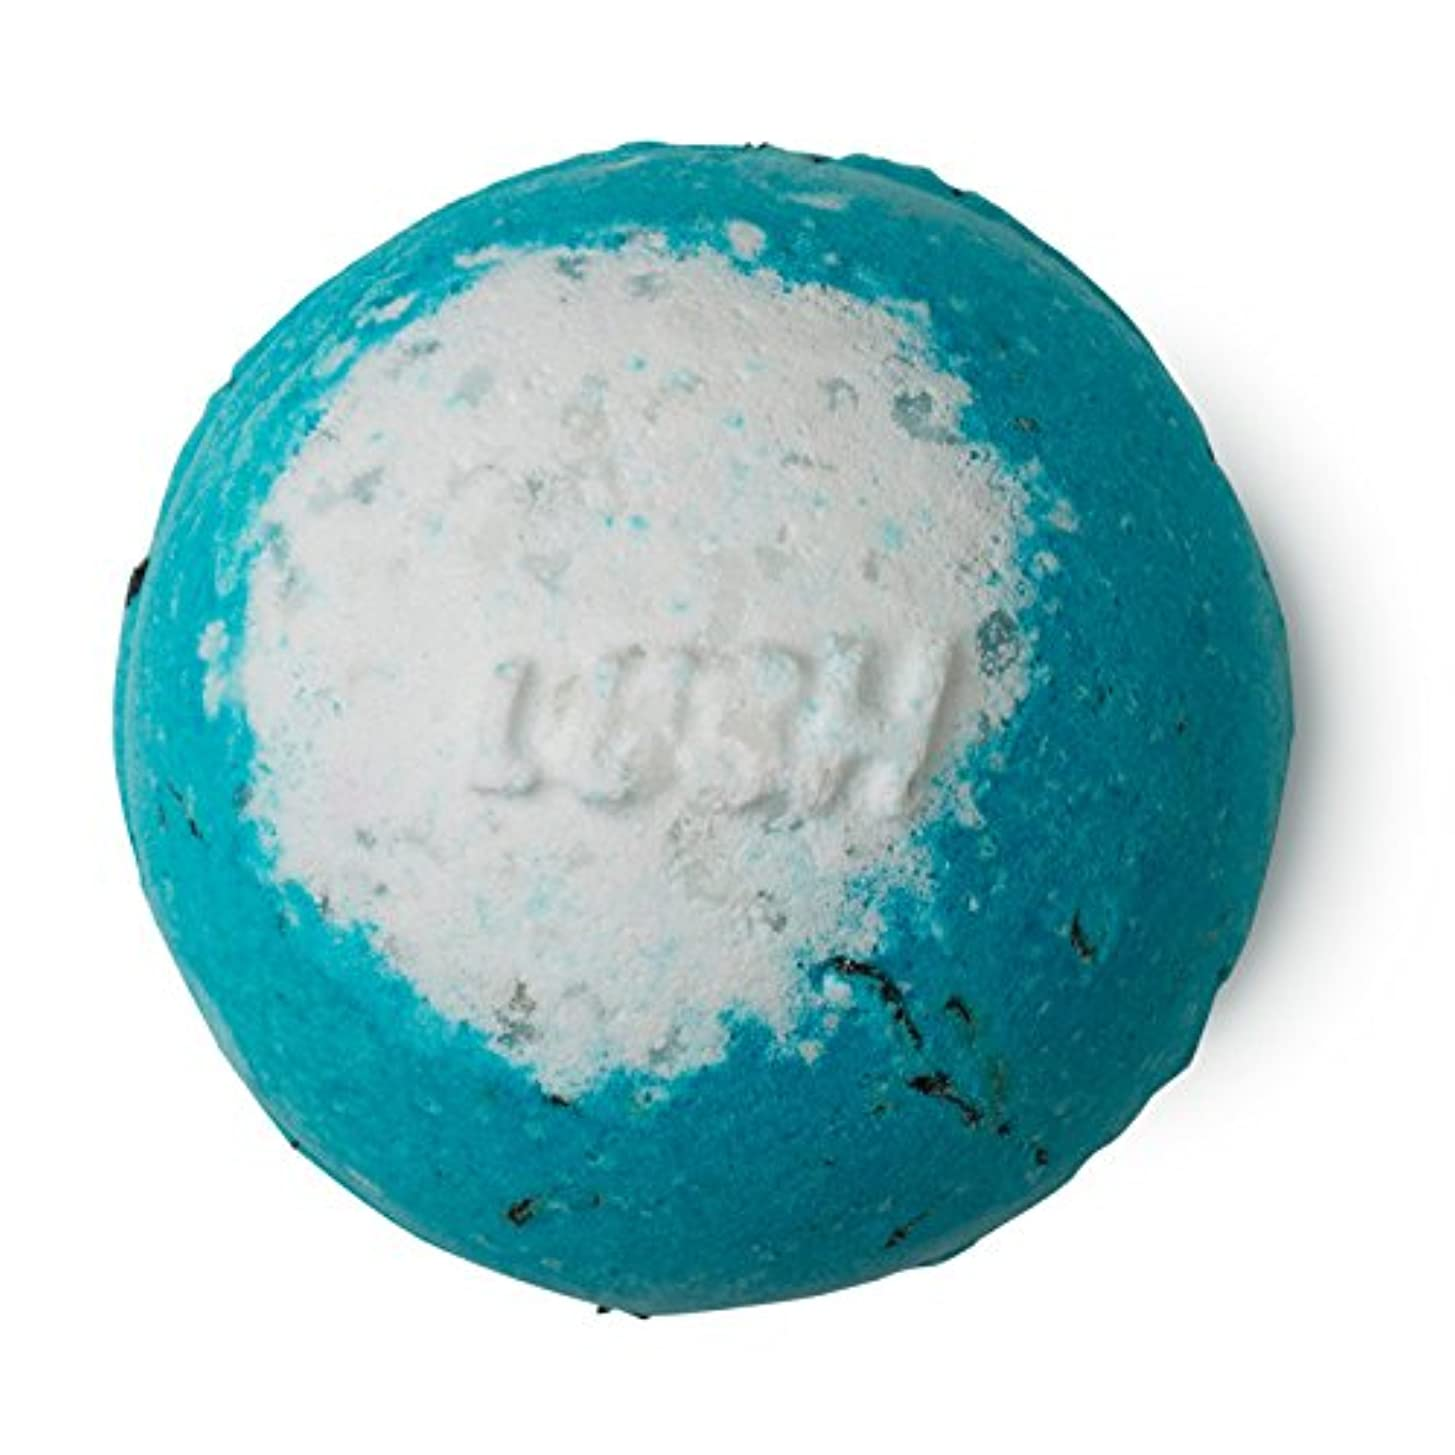 ポルティコ手錠食器棚LUSH ラッシュ RUSHラッシュ 200g バスボム 浴用 シーソルト 入浴剤 ラベンダーオイル 入浴剤 ギフト